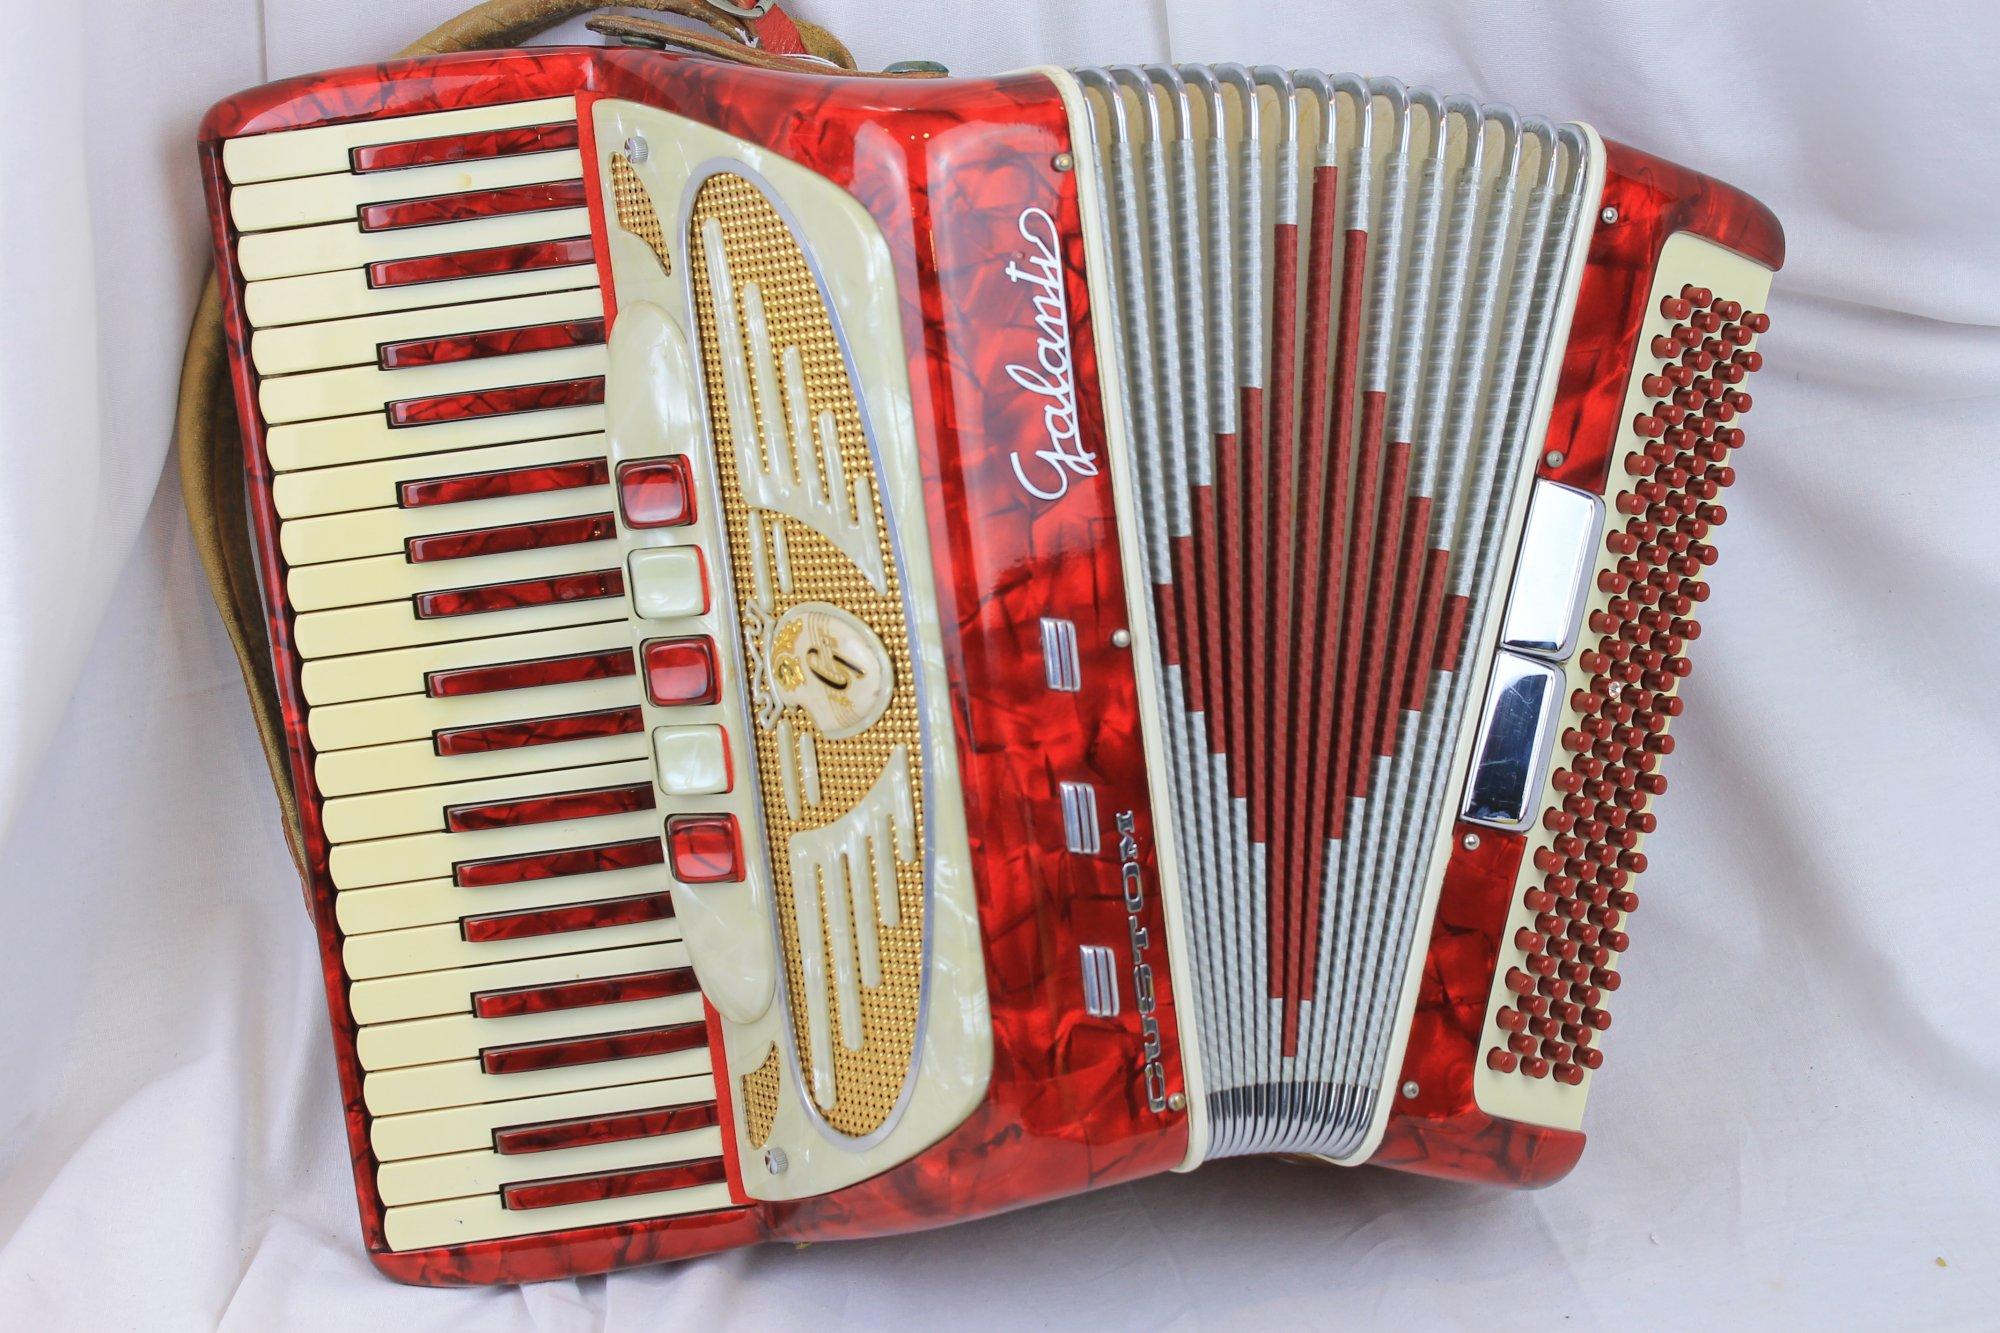 2999 - Red Galanti Piano Accordion LM 41 120